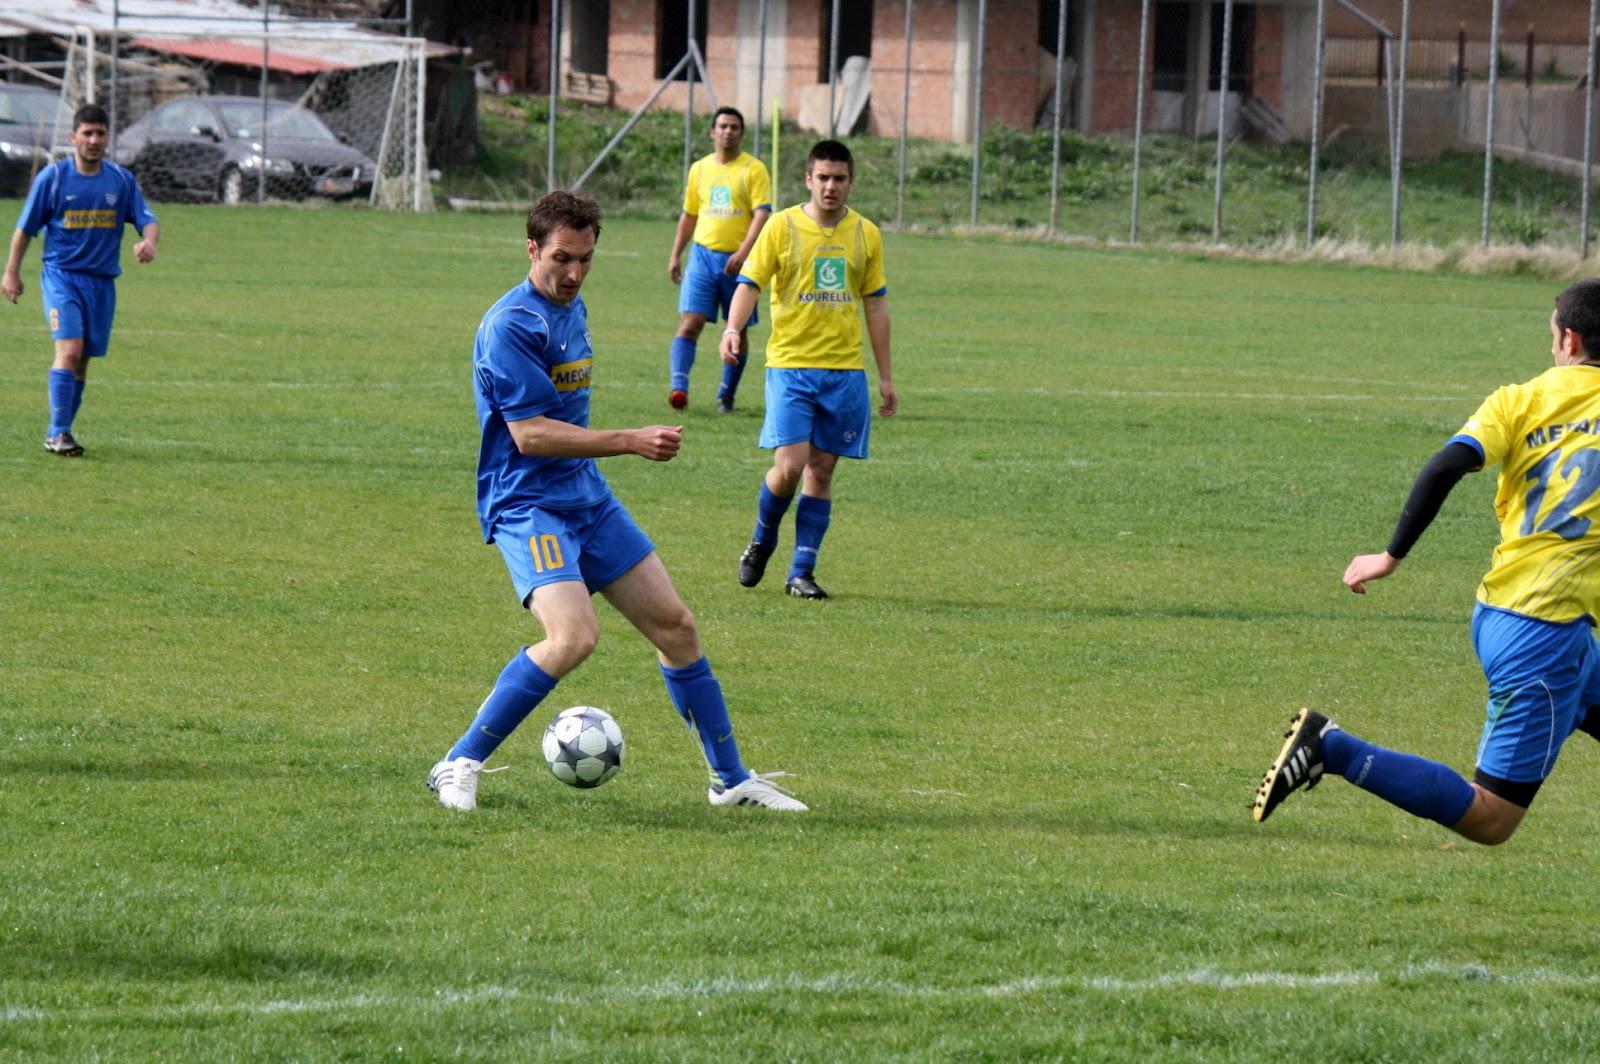 Σημαντική η βοήθεια που προσφέρει στην Ένωση Ποδοσφαιρικών Σωματείων Γρεβενών όπου είναι αντιπρόεδρος ο Διευθυντής της Τράπεζας Πειραιώς Δημήτρης Ρίζος